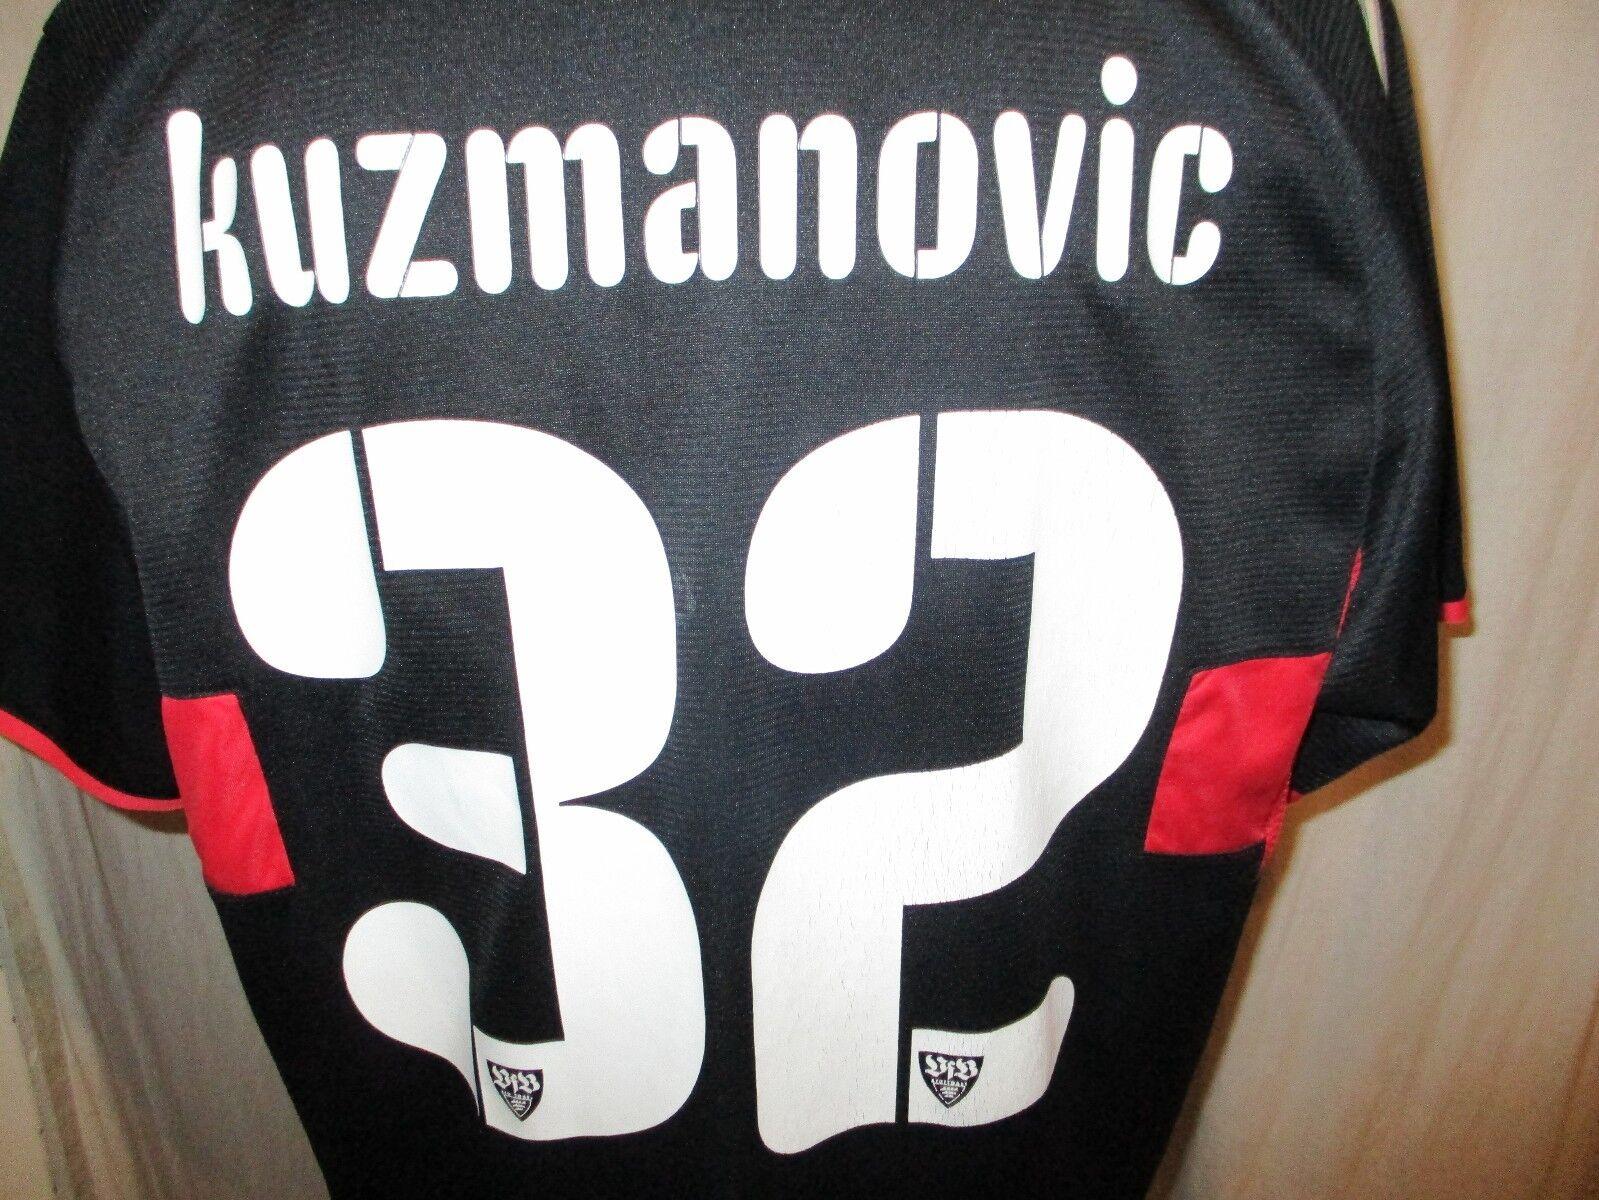 VfB Stuttgart Puma Ausweich Trikot 2009/10 2009/10 Trikot